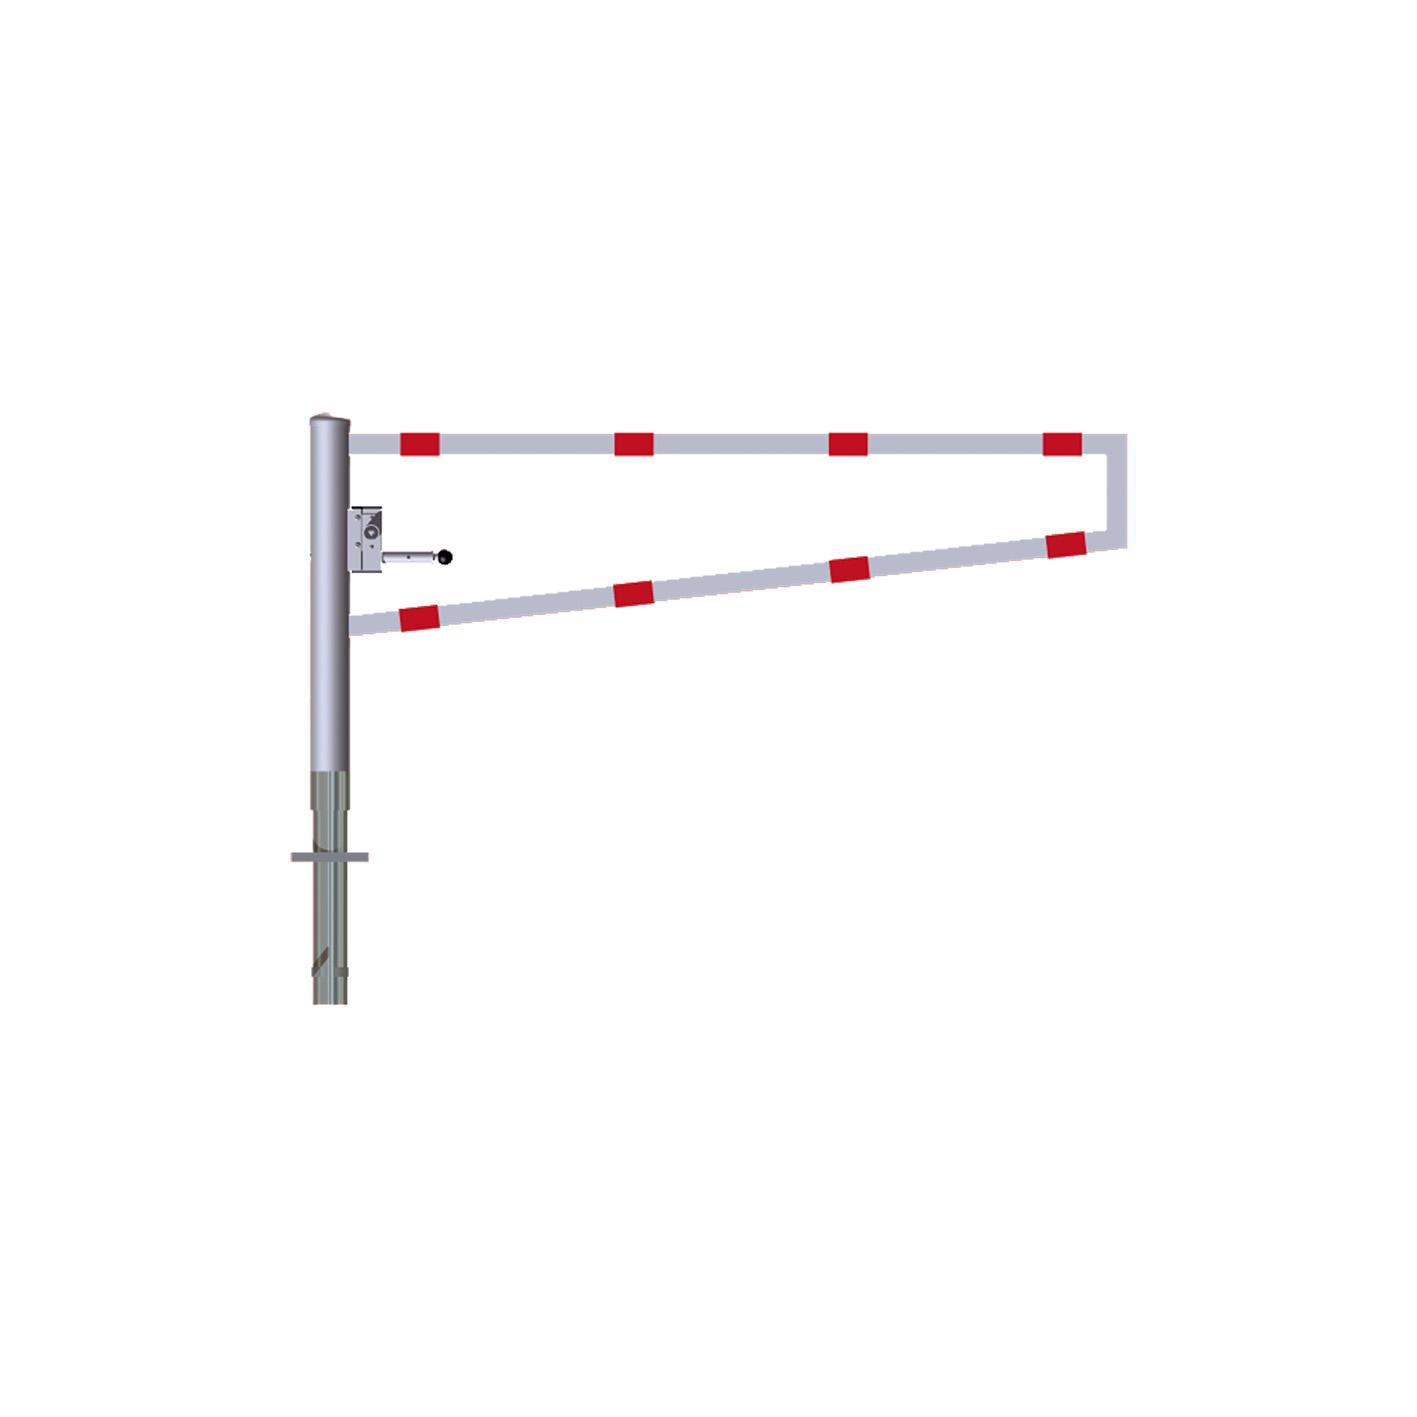 Drehbare Wegesperre, mit selbsteinrastender Verriegelung,  1.500 mm, Dreikantverschluß,  Drehpfosten